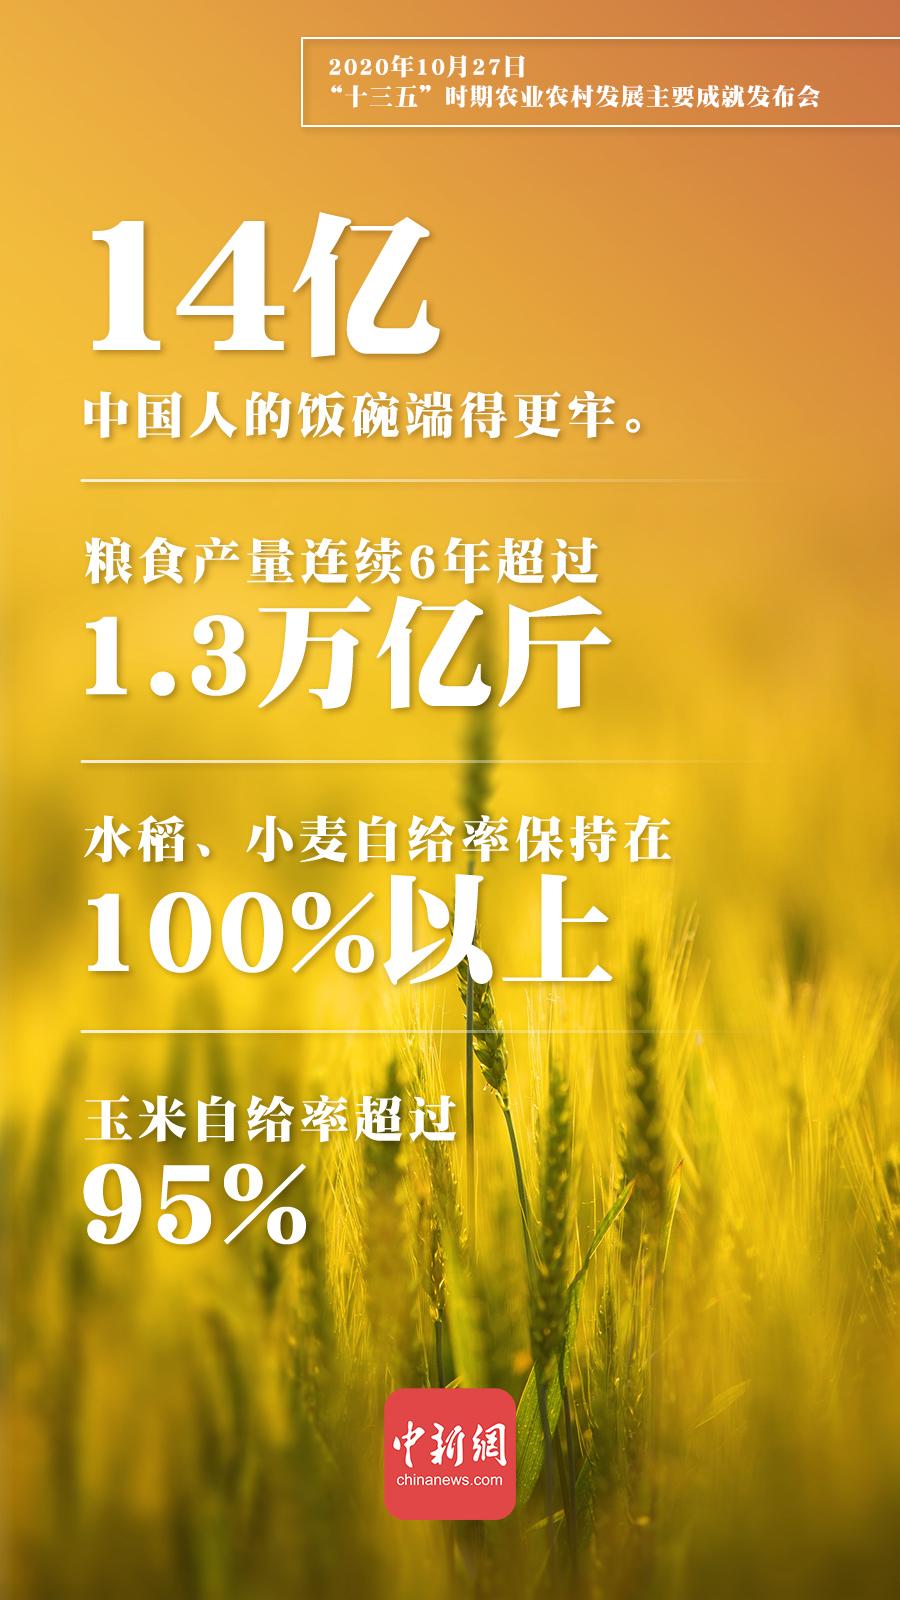 """农业农村部:""""十三五""""农业农村发展各项目标任务胜利完成"""